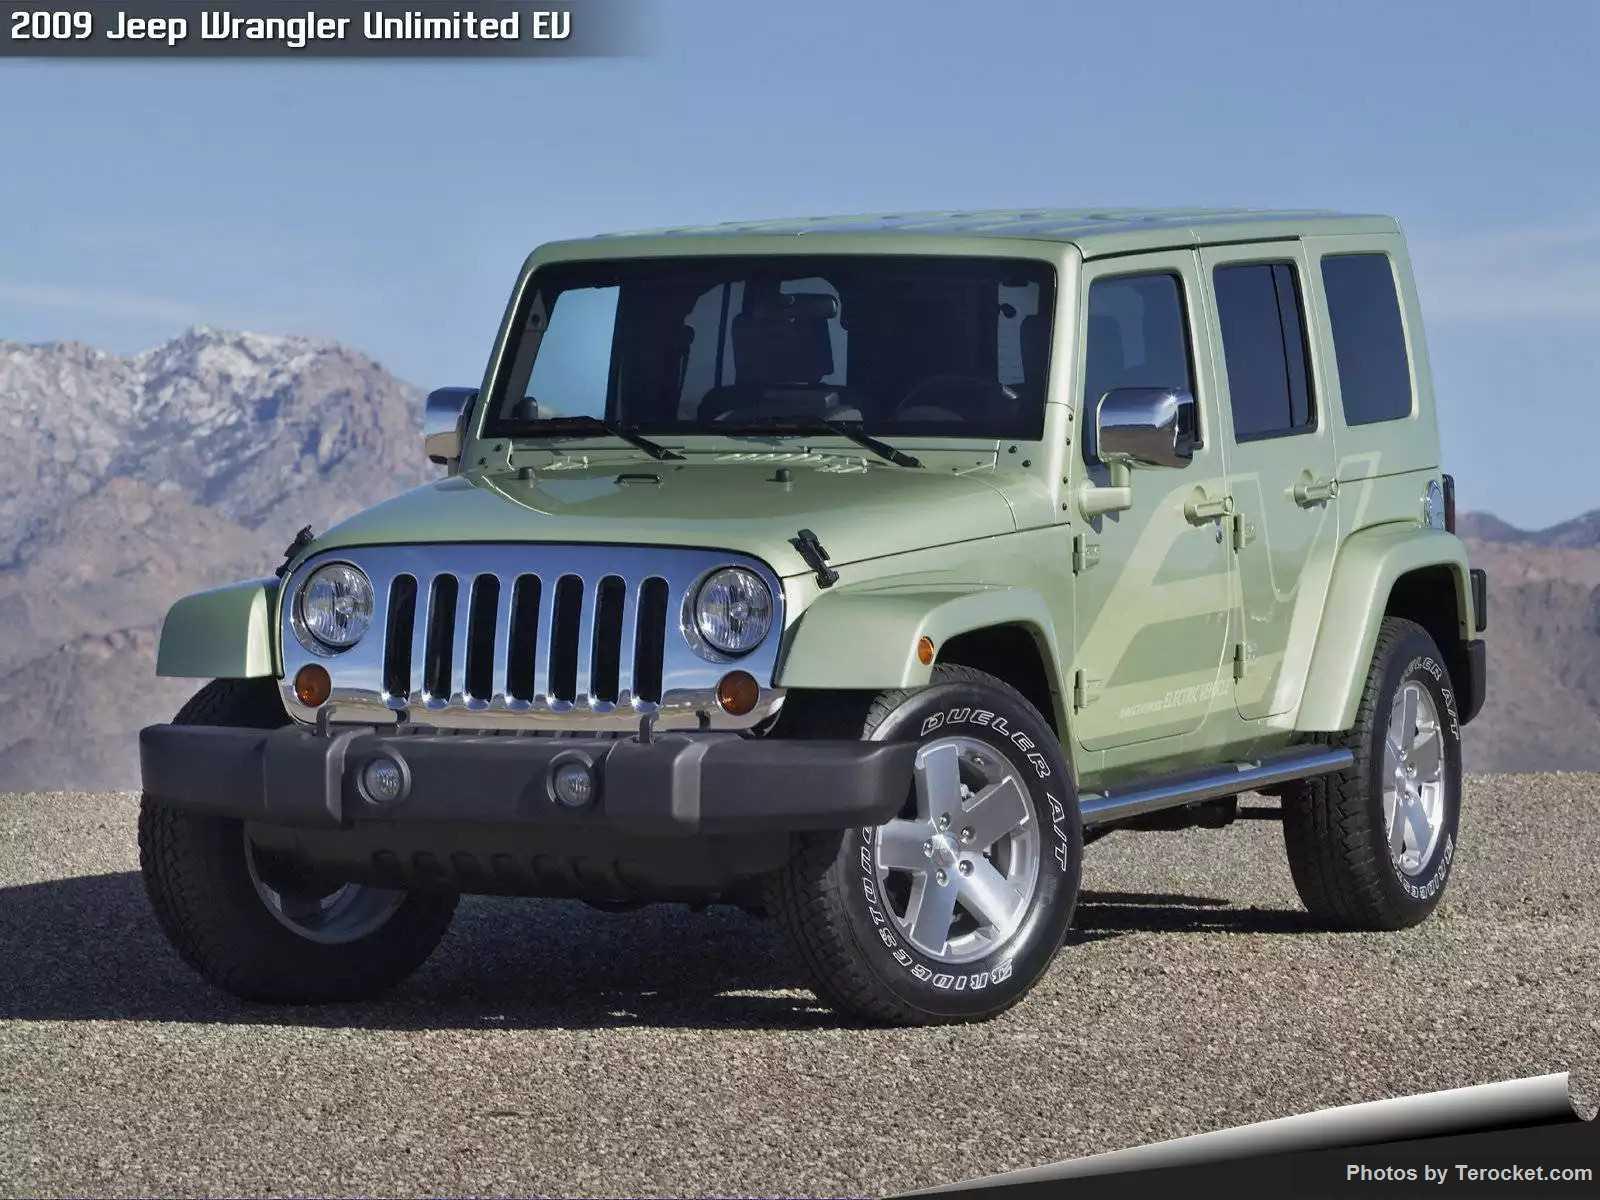 Hình ảnh xe ô tô Jeep Wrangler Unlimited EV 2009 & nội ngoại thất